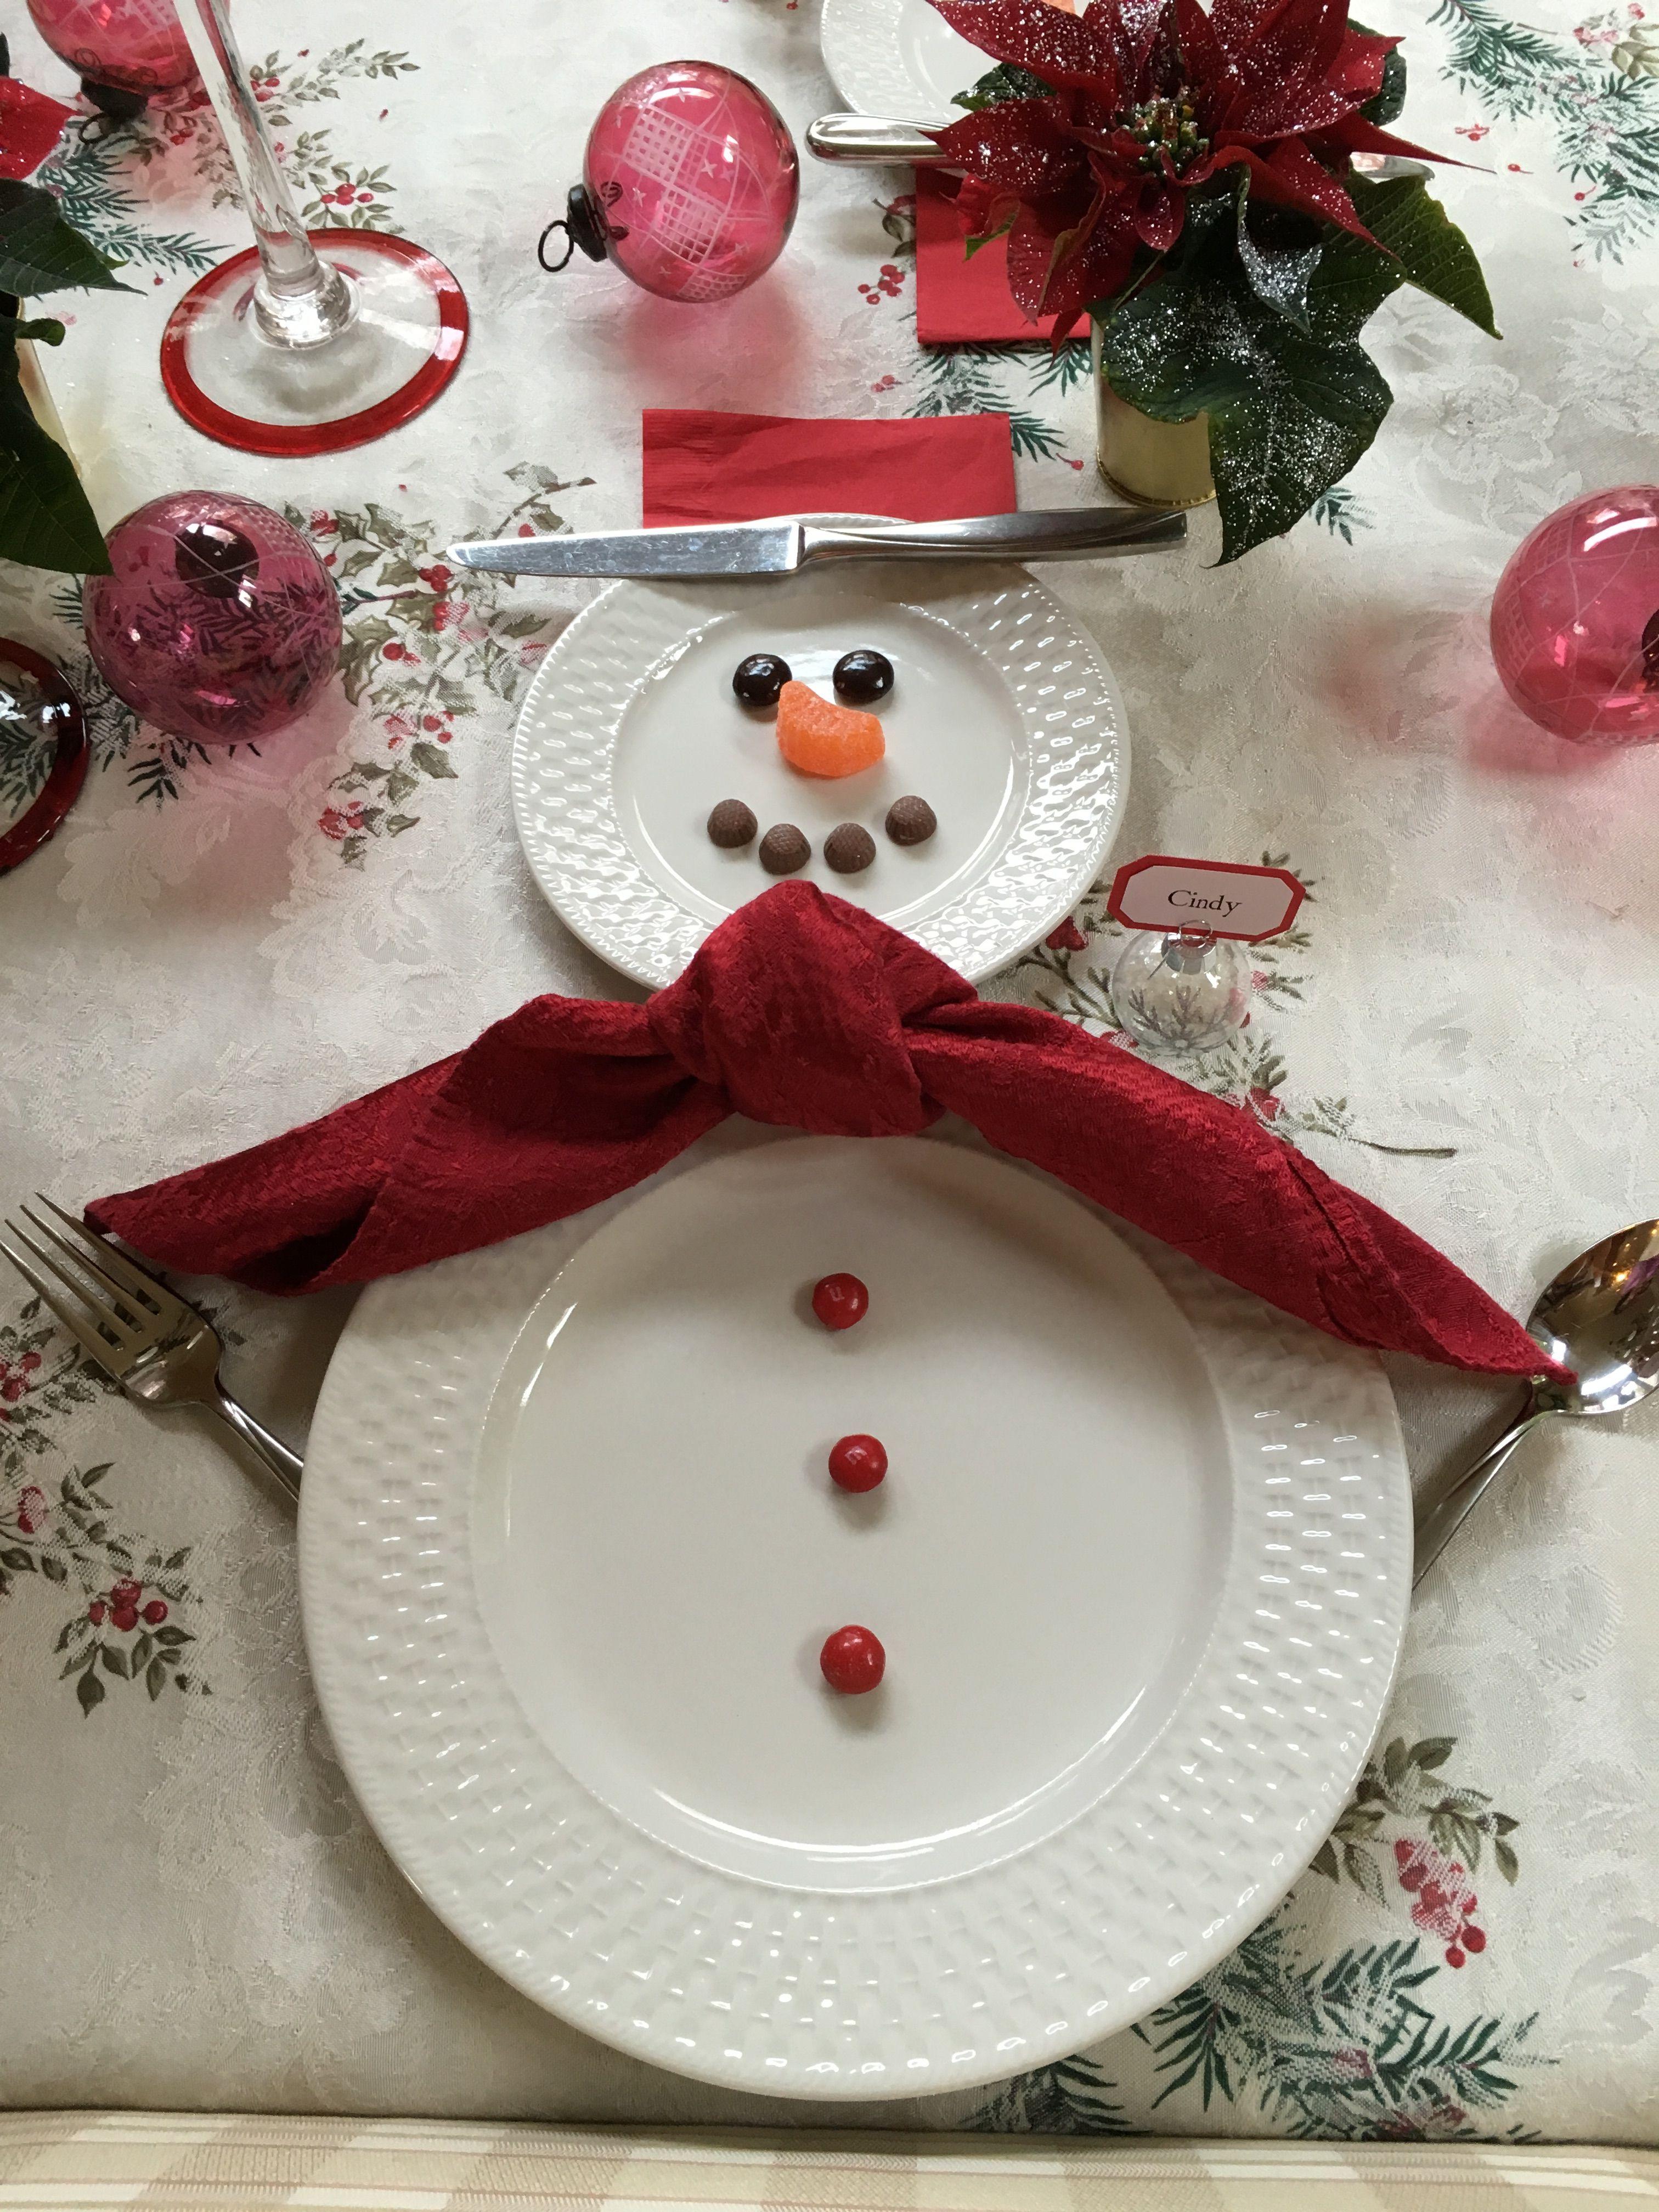 Snowman Table Setting Holiday Decor Christmas Diy Holiday Table Decorations Holiday Season Christmas